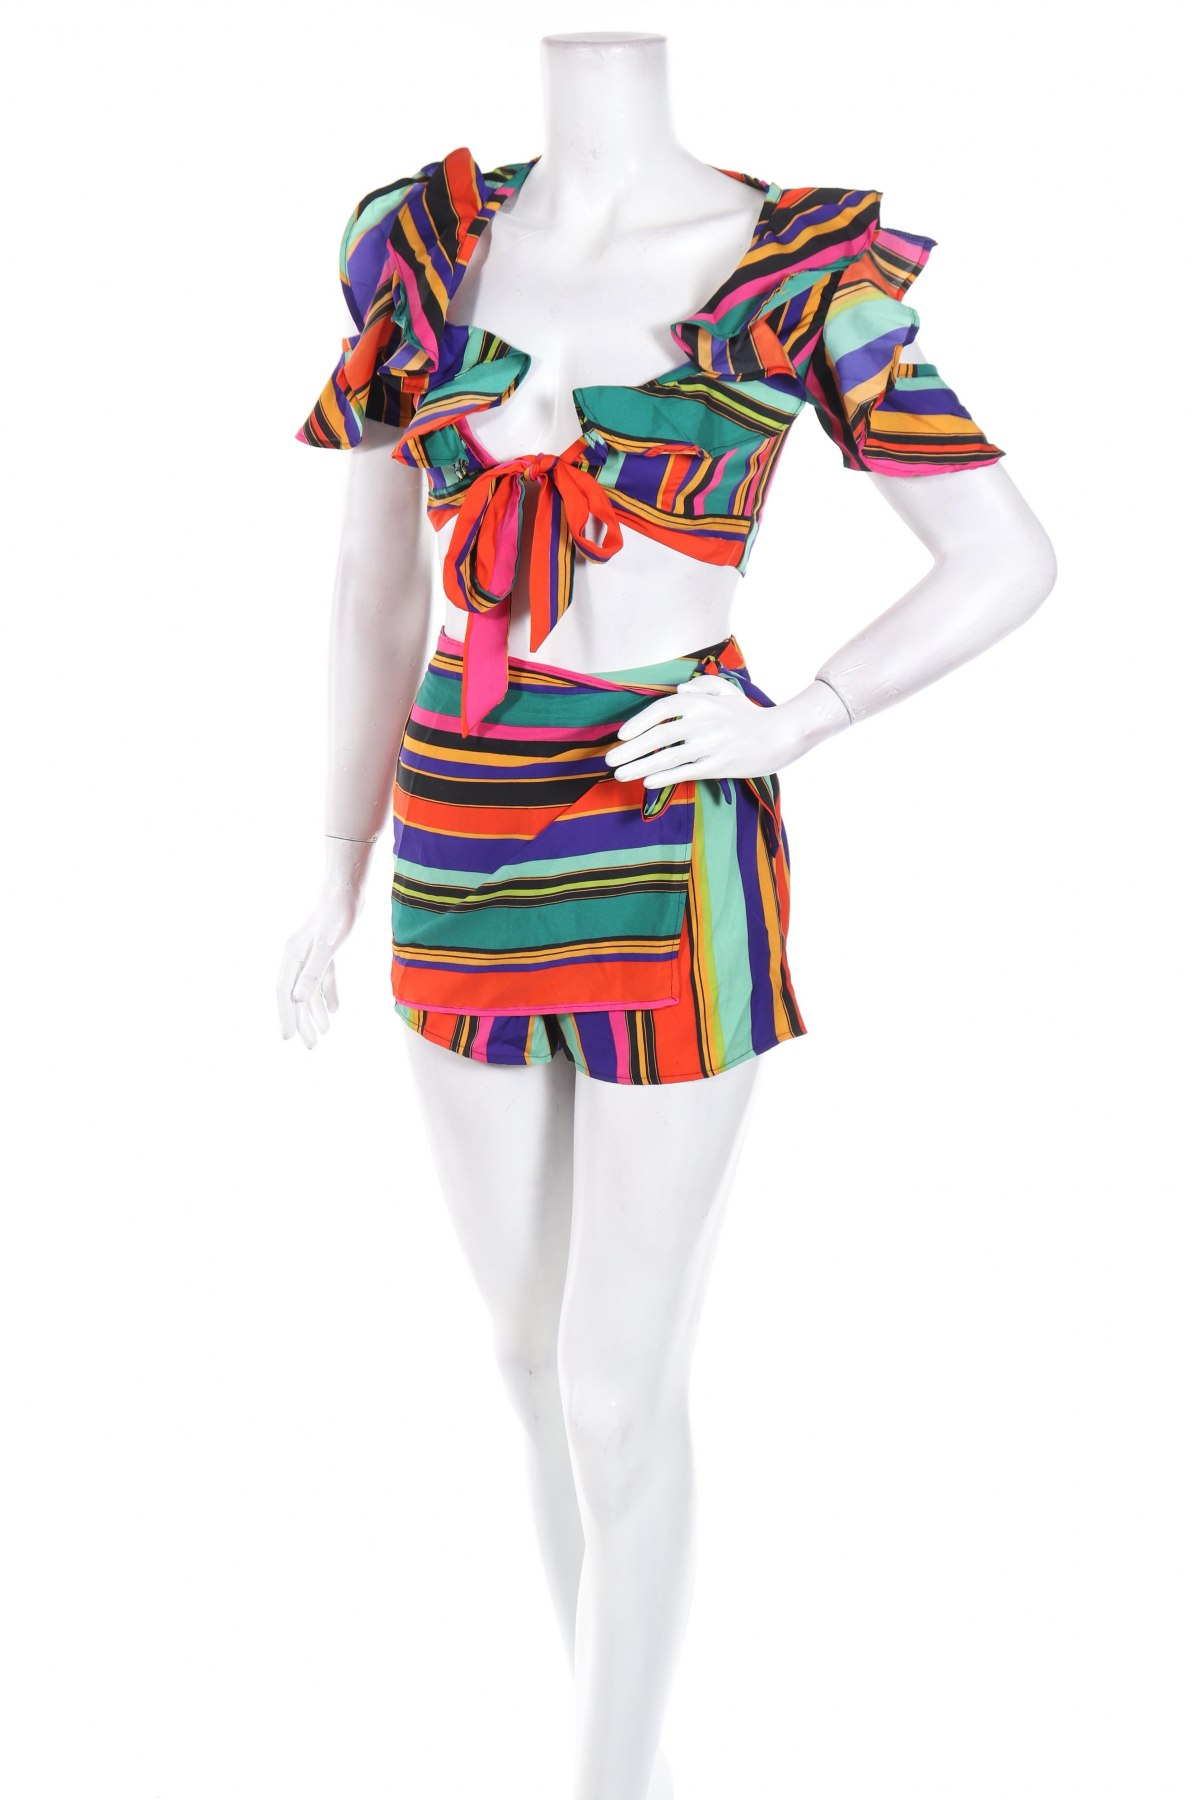 Дамски комплект Boohoo, Размер XXS, Цвят Многоцветен, Полиестер, Цена 6,60лв.